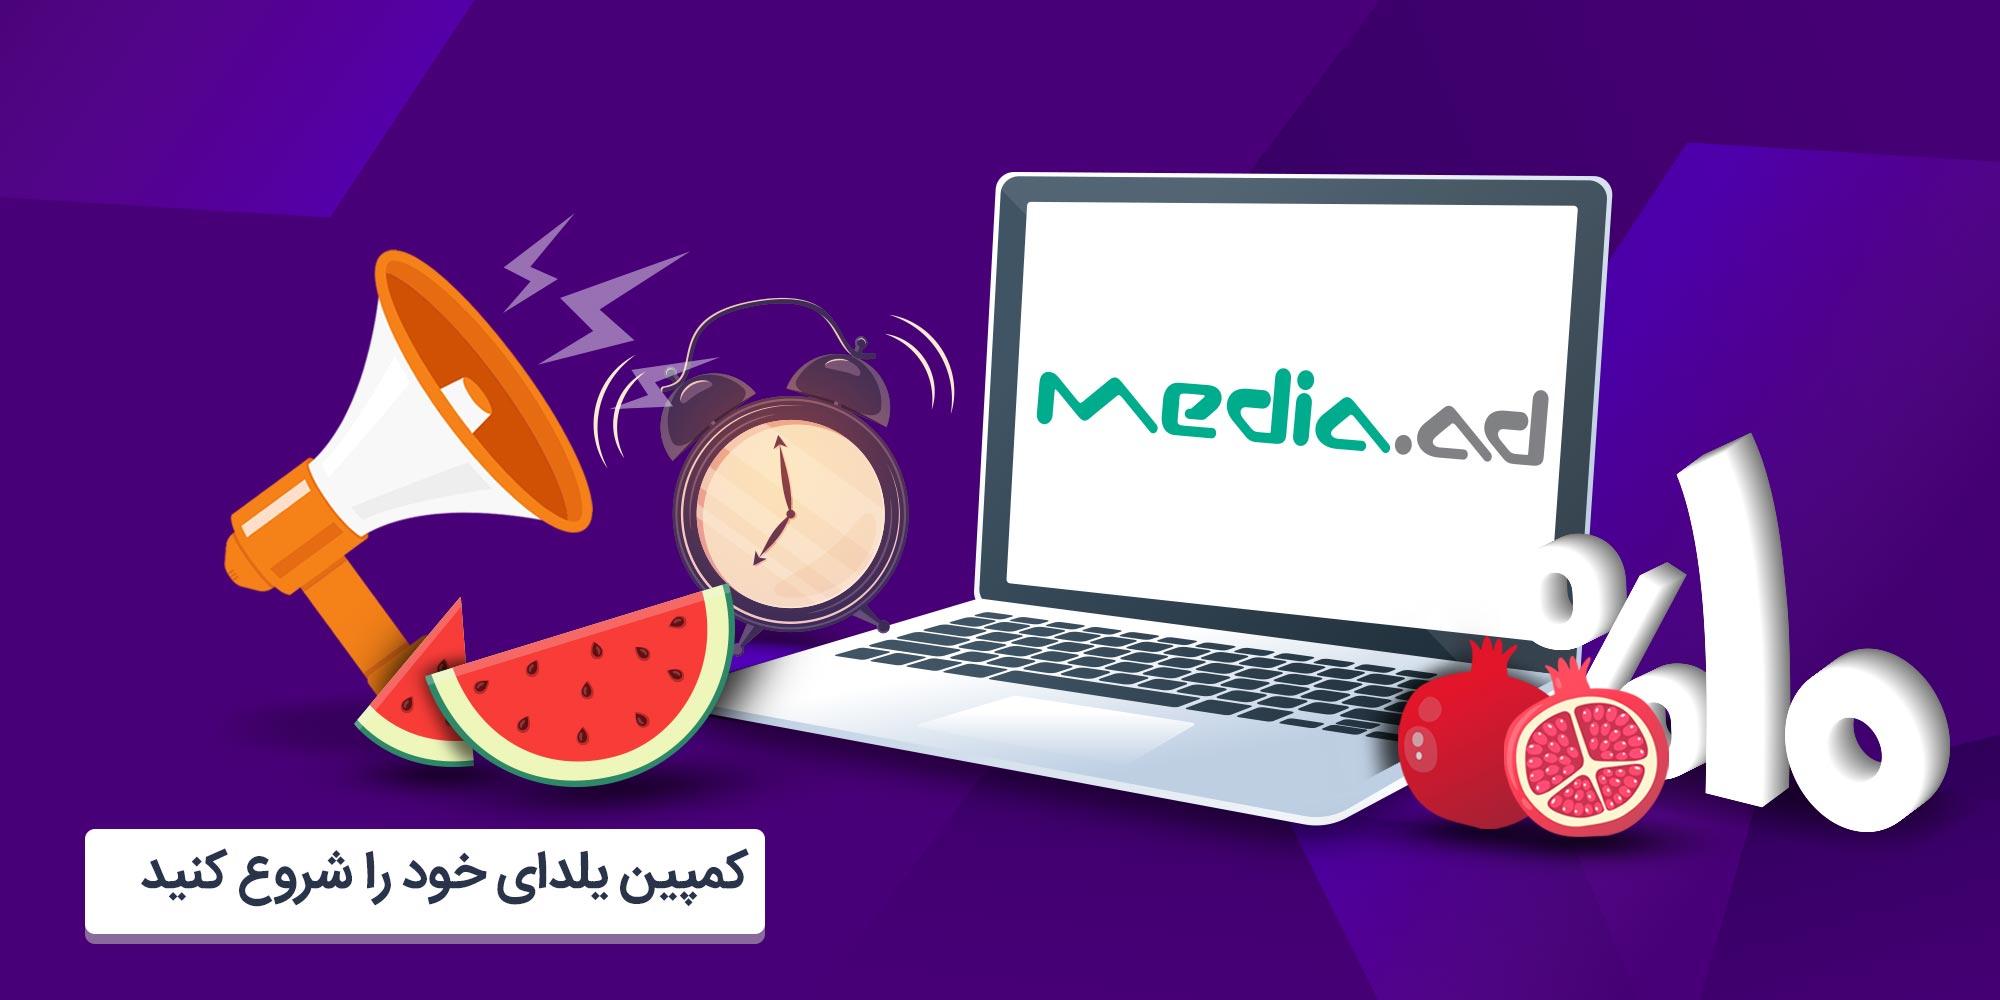 کمپین تبلیغاتی یلدااد، مدیااد